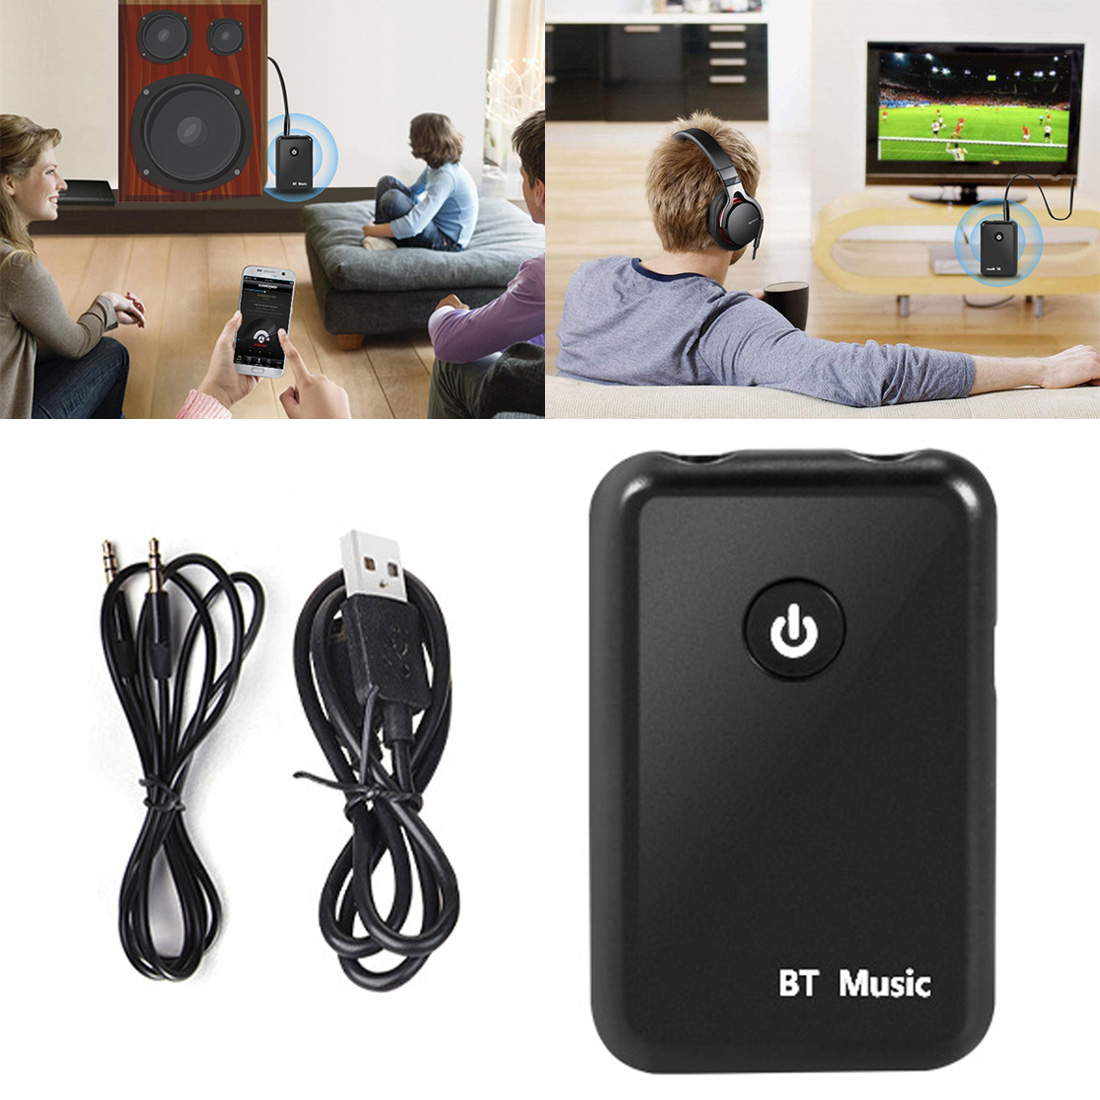 2 In 1 Wireless Bluetooth 4,2 Sender & Empfänger 3,5mm Tragbare Audio Adapter Bluetooth Transceiver Für Smartphone Pc Tv